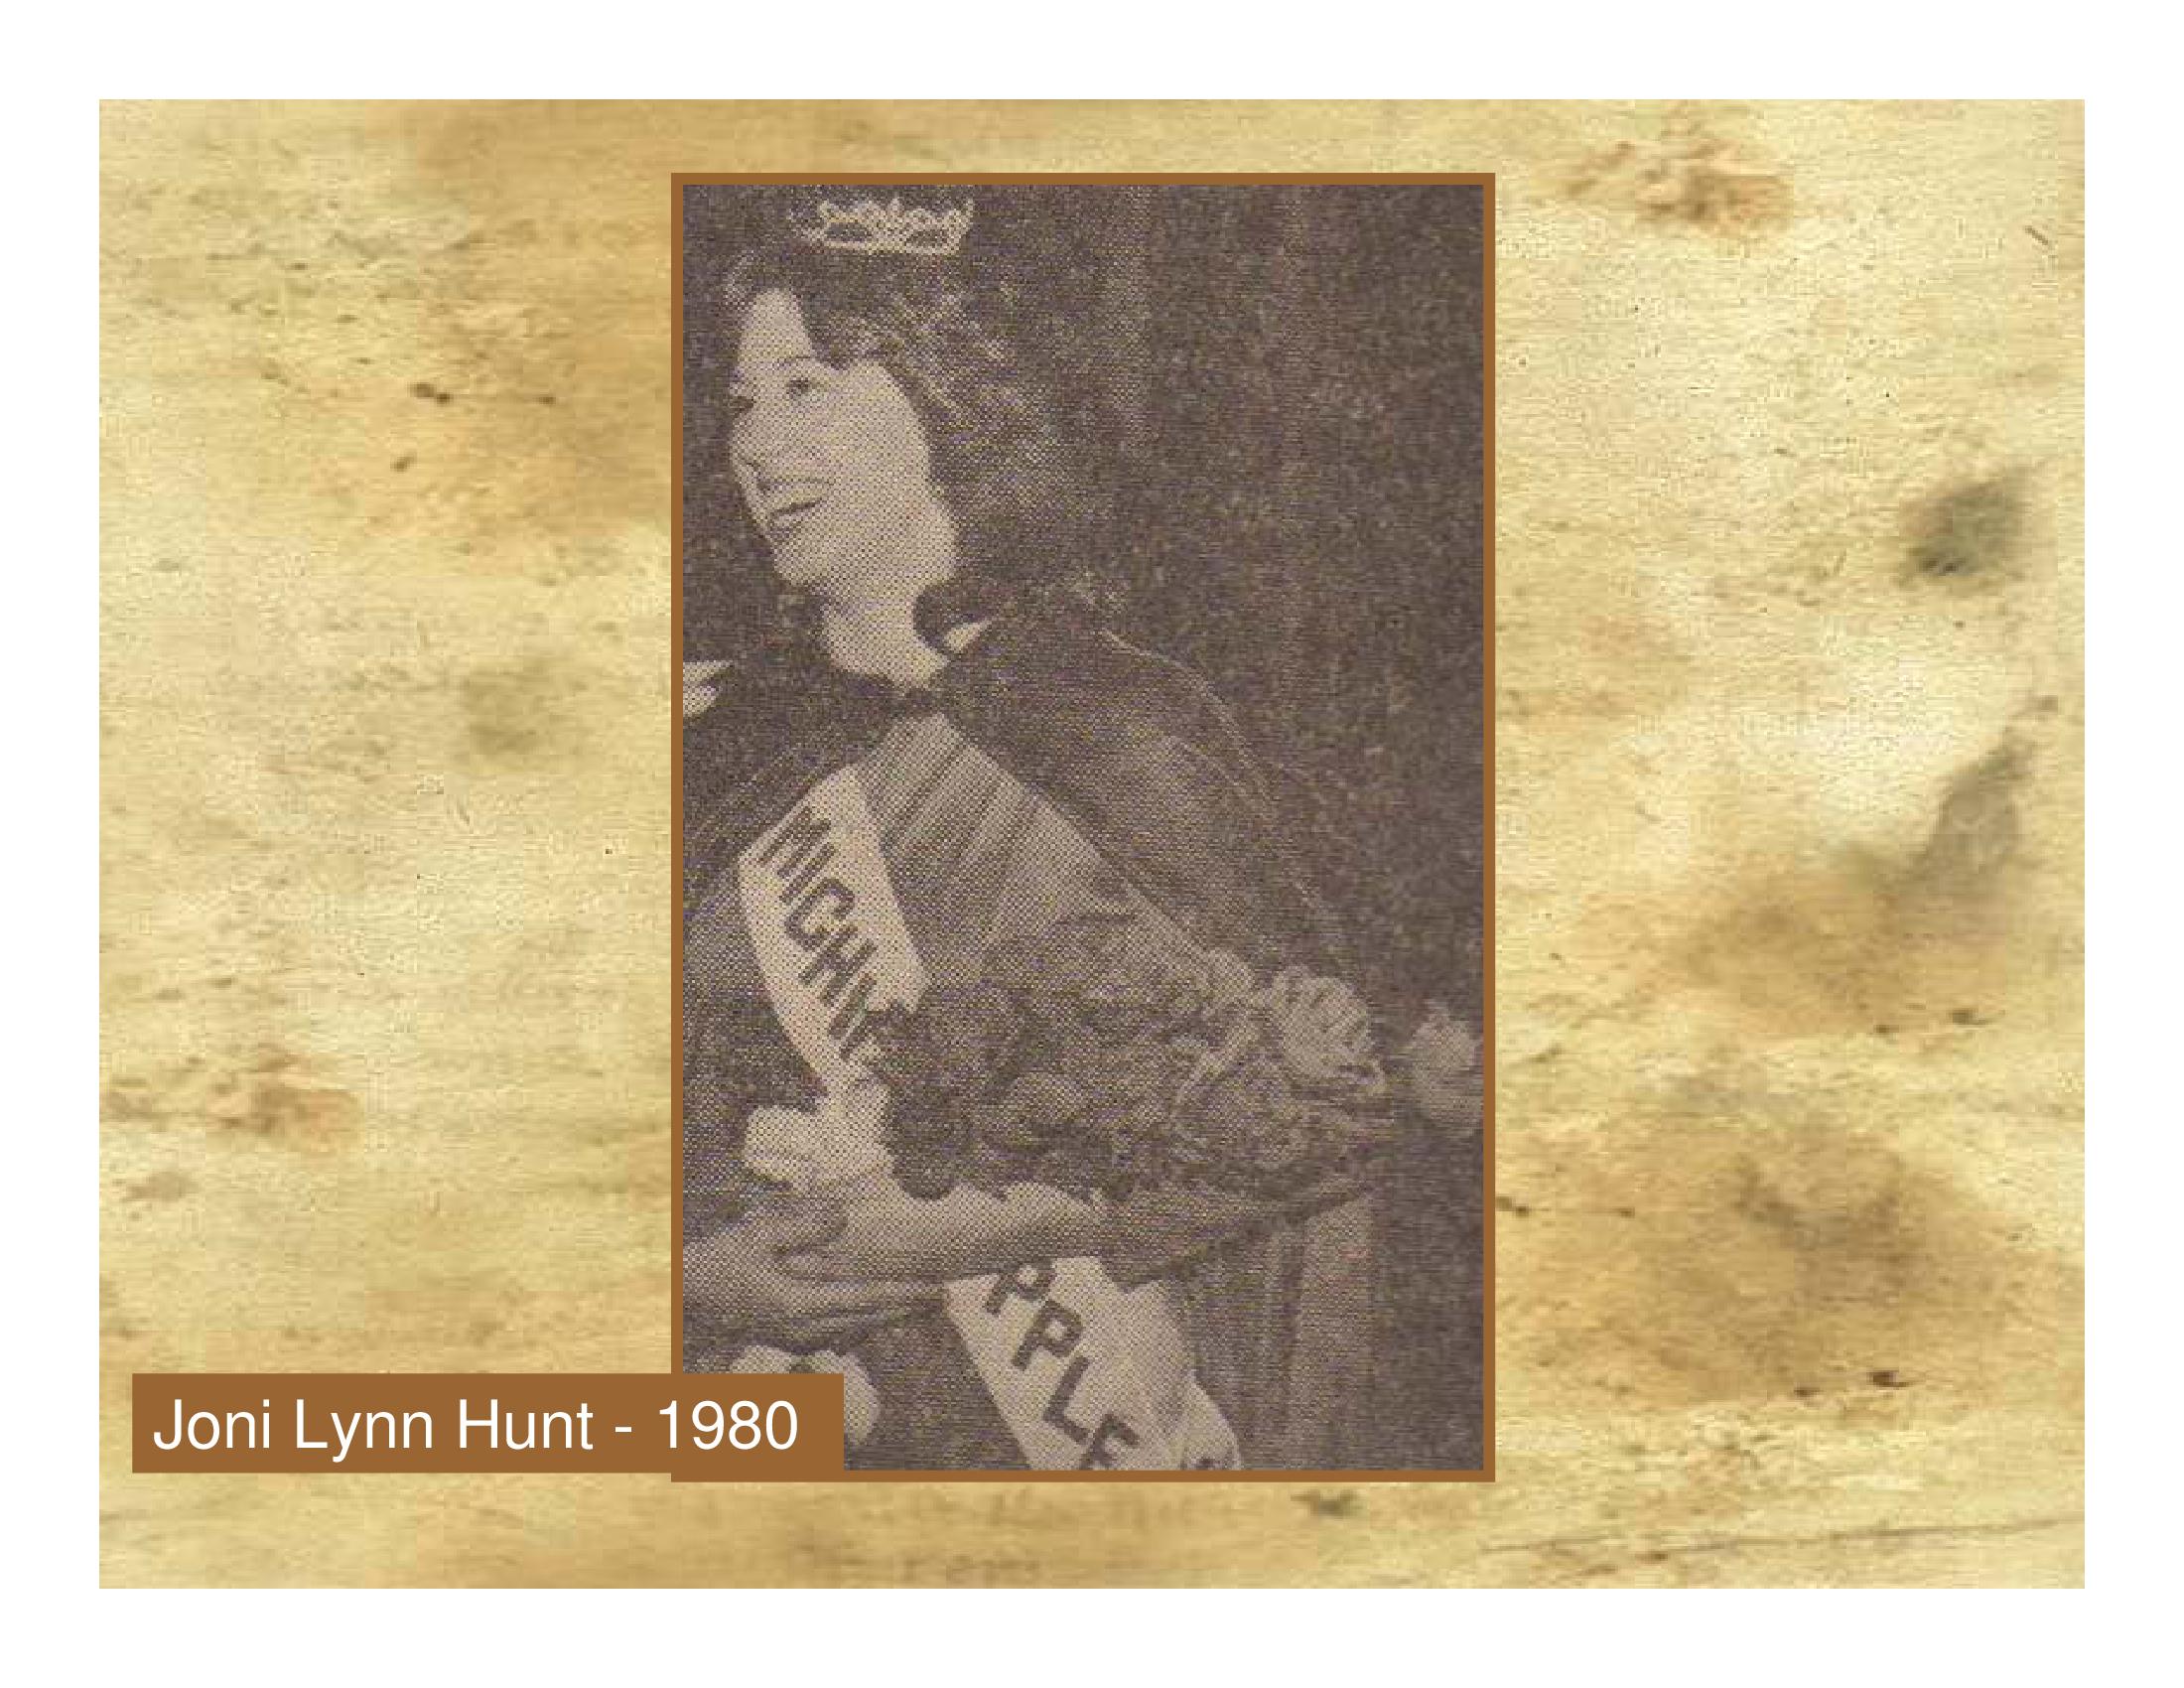 Joni Lynn Hunt - 1980